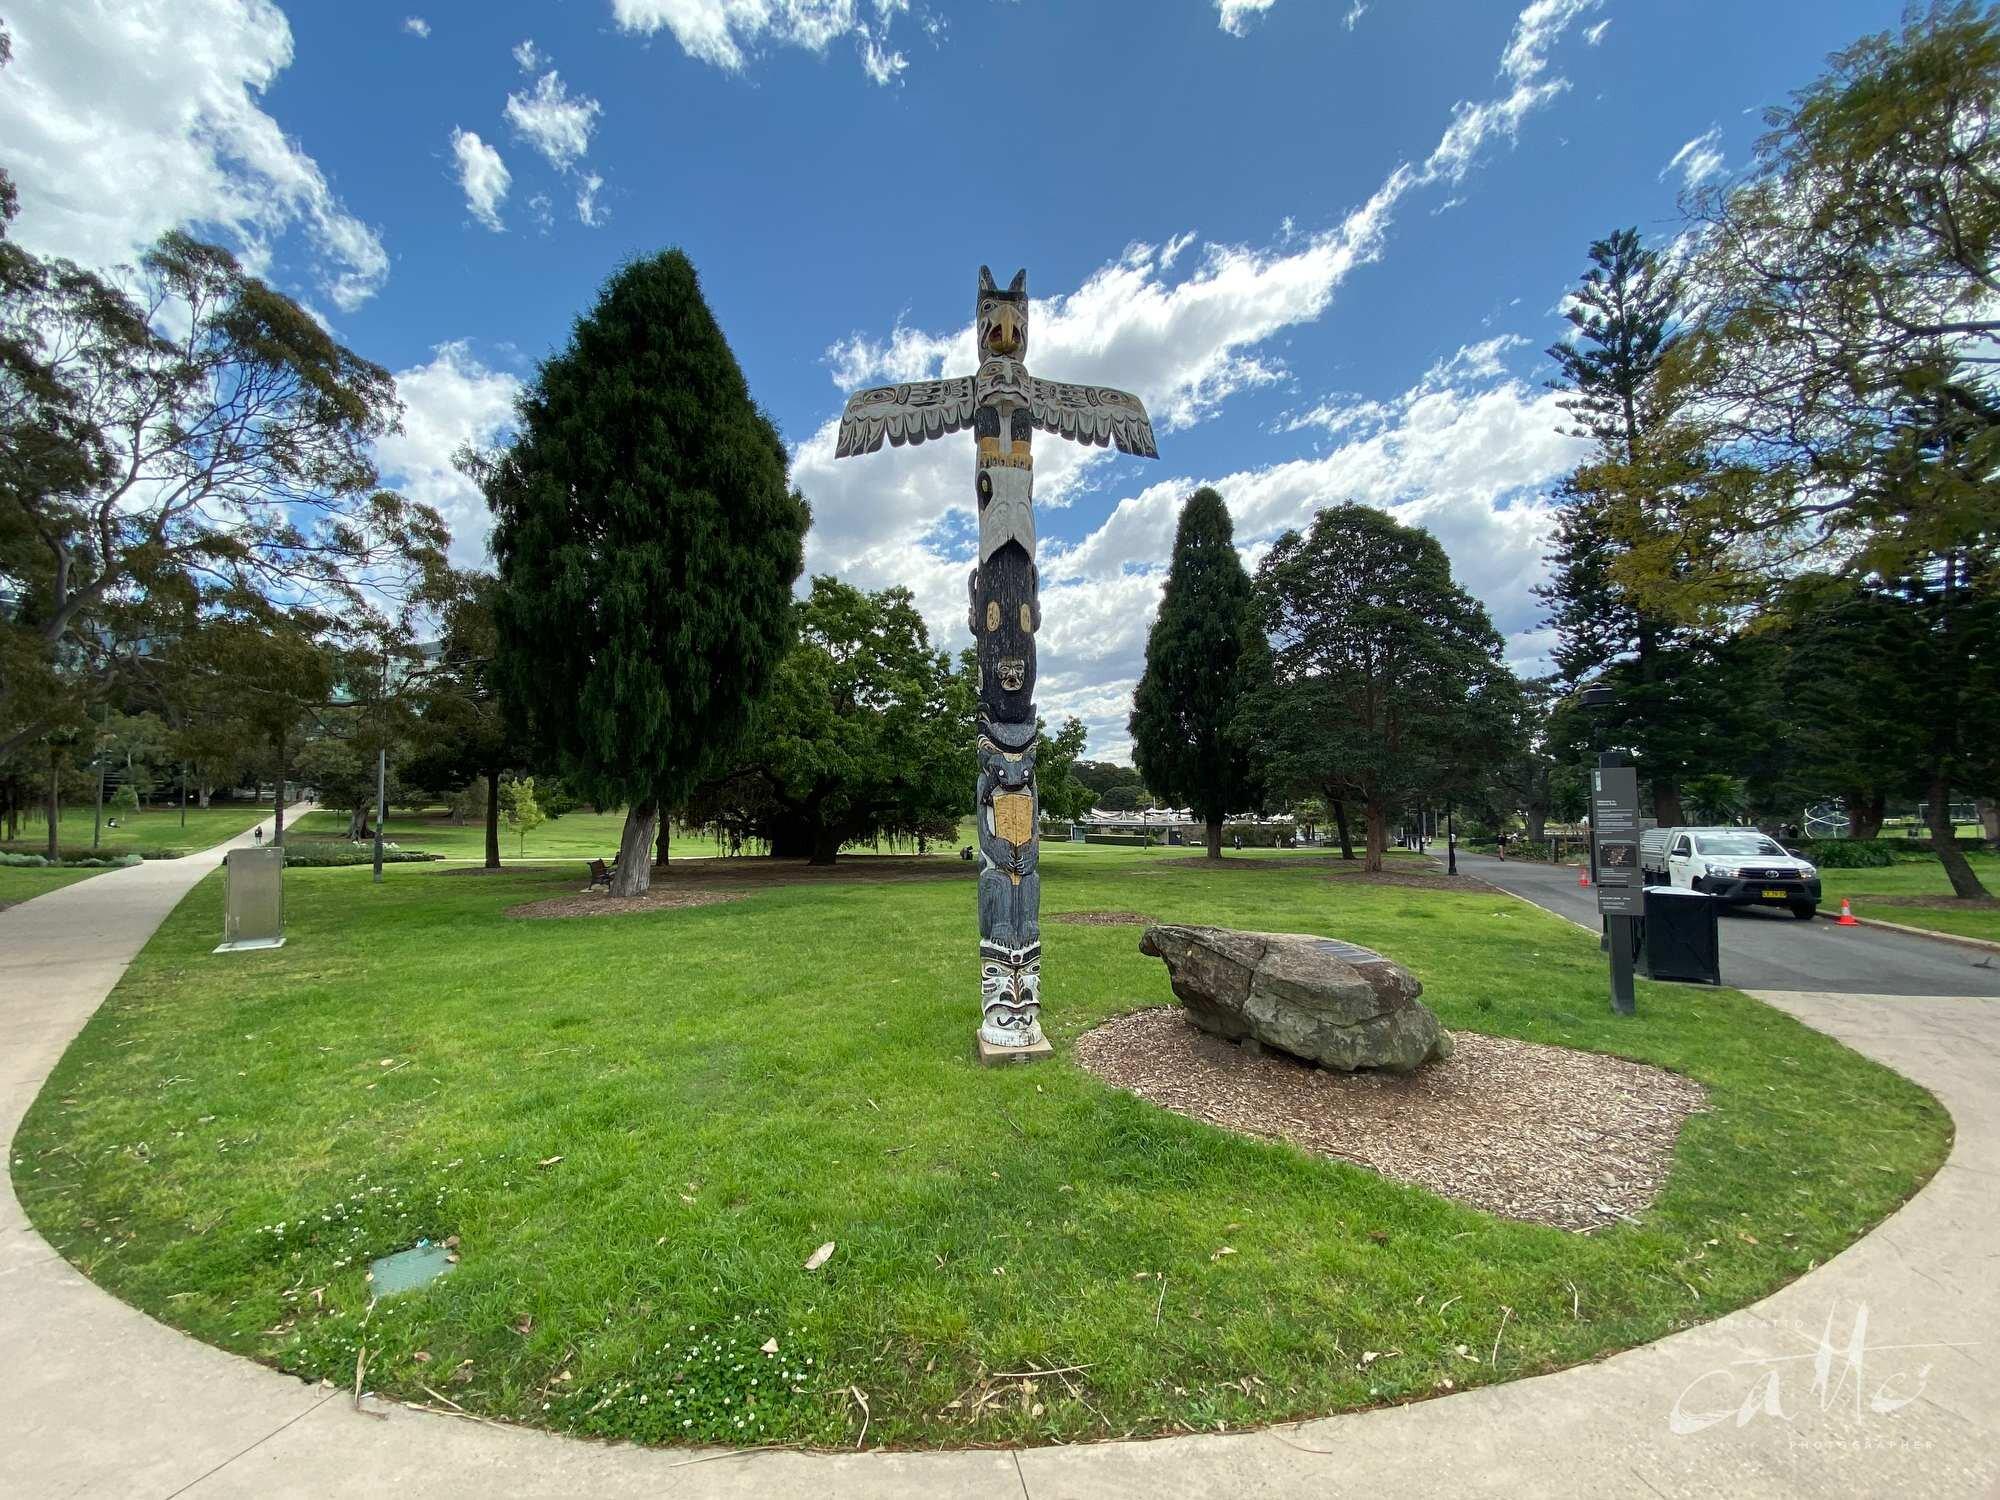 Victoria Park, Sydney (iPhone 11 Pro - 0.5x wide lens)